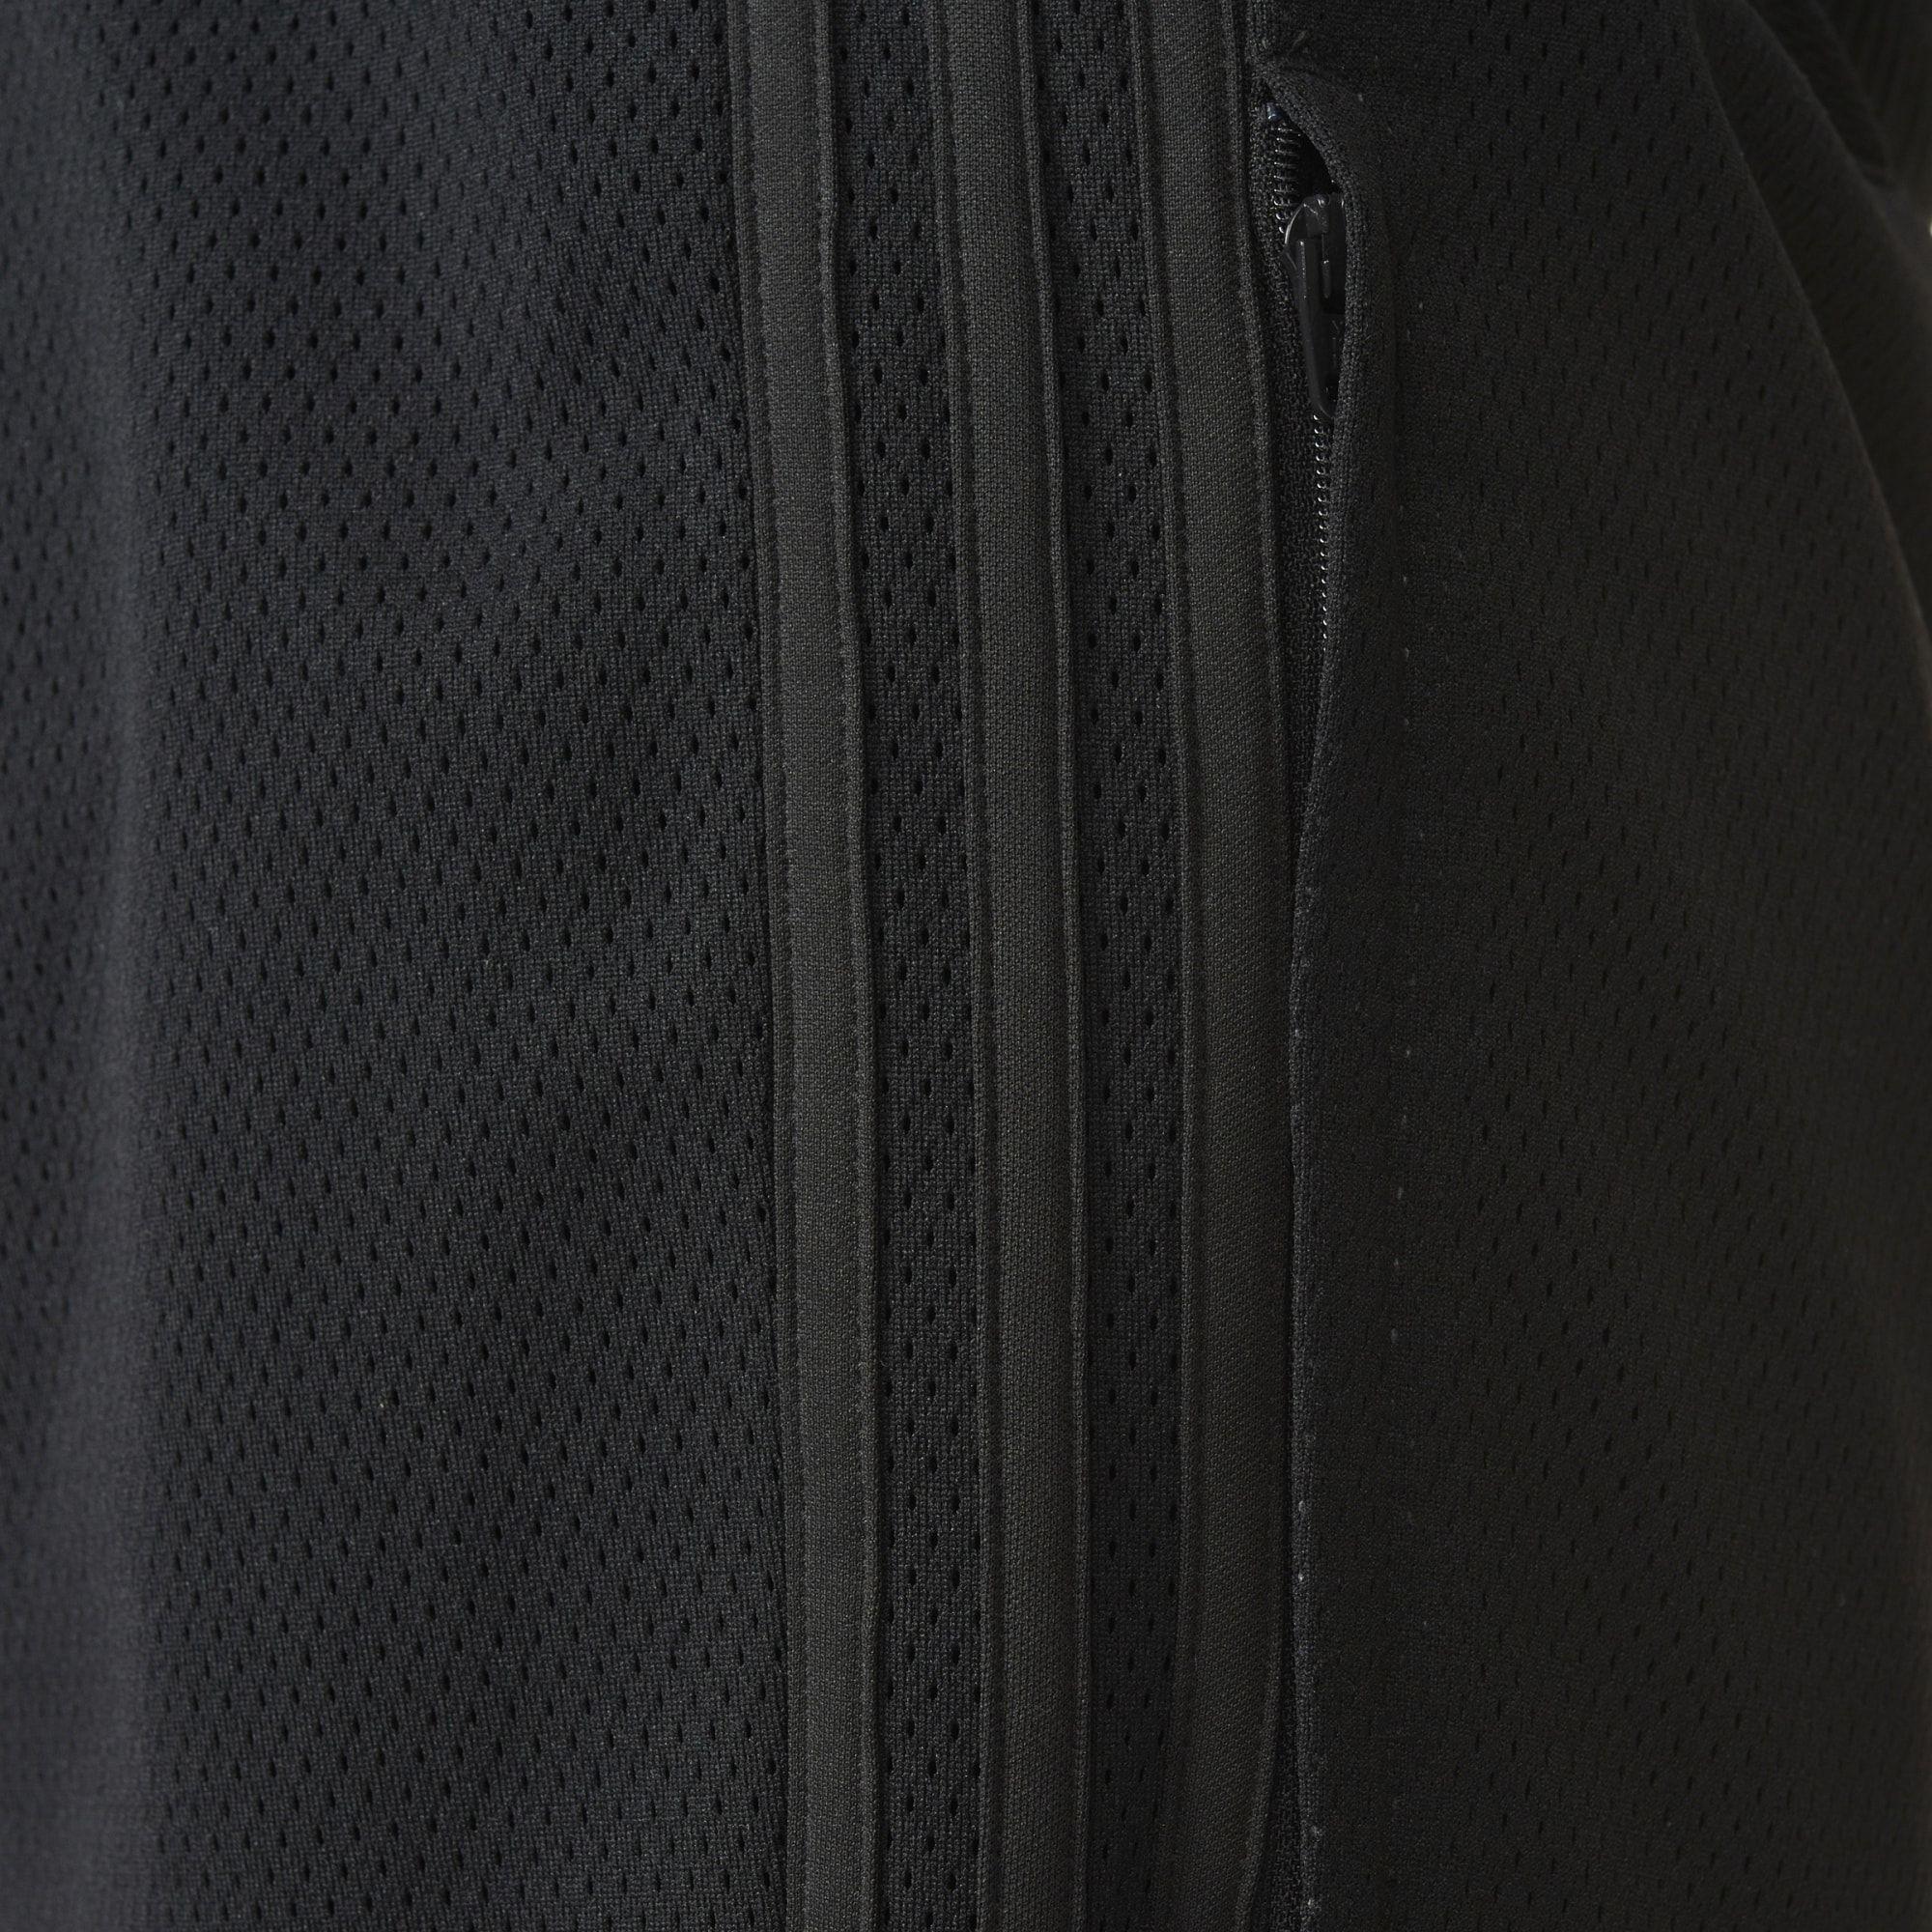 Lyst adidas Originals tiro 15 de malla negro pantalones de entrenamiento en fútbol